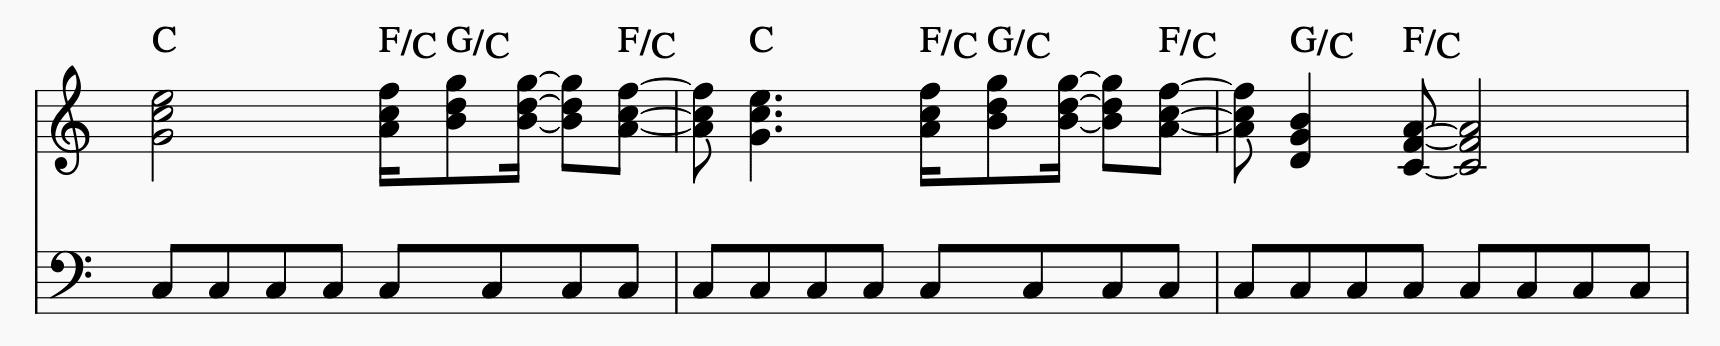 Groove mit Slash-Akkorden